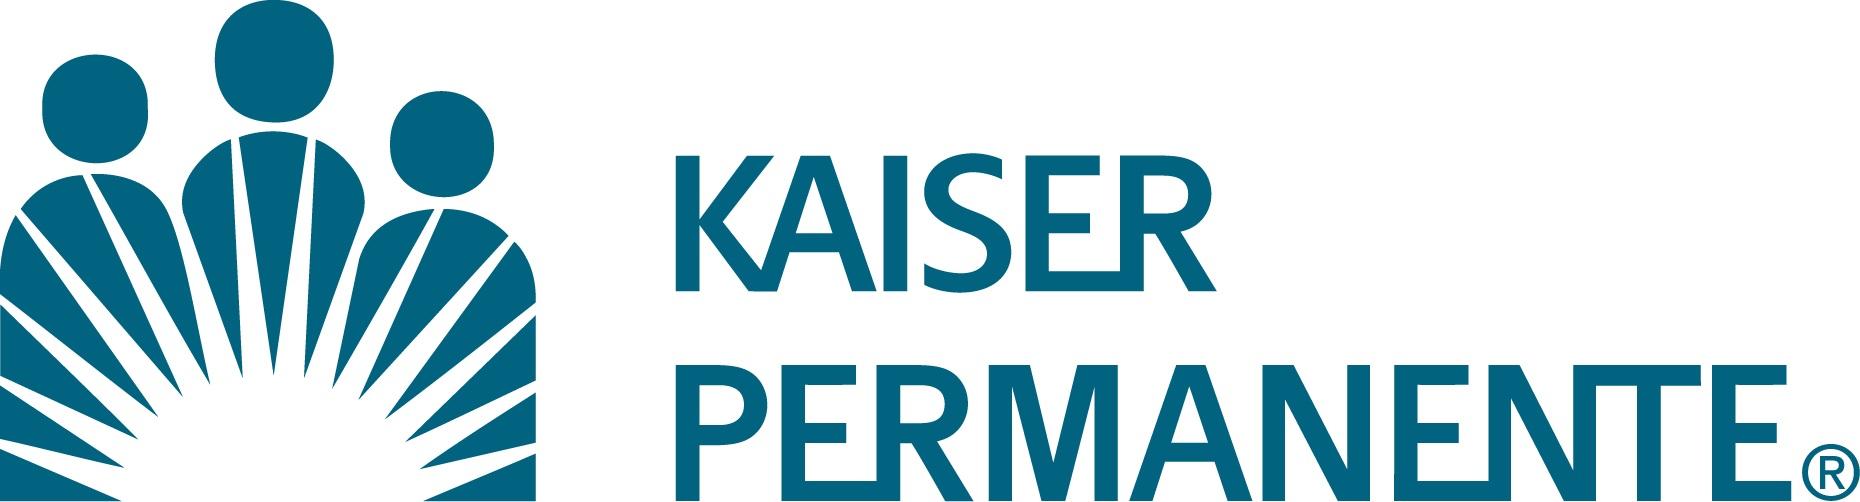 Kaiser Permanente Pharmacy Records Subpoena Info For